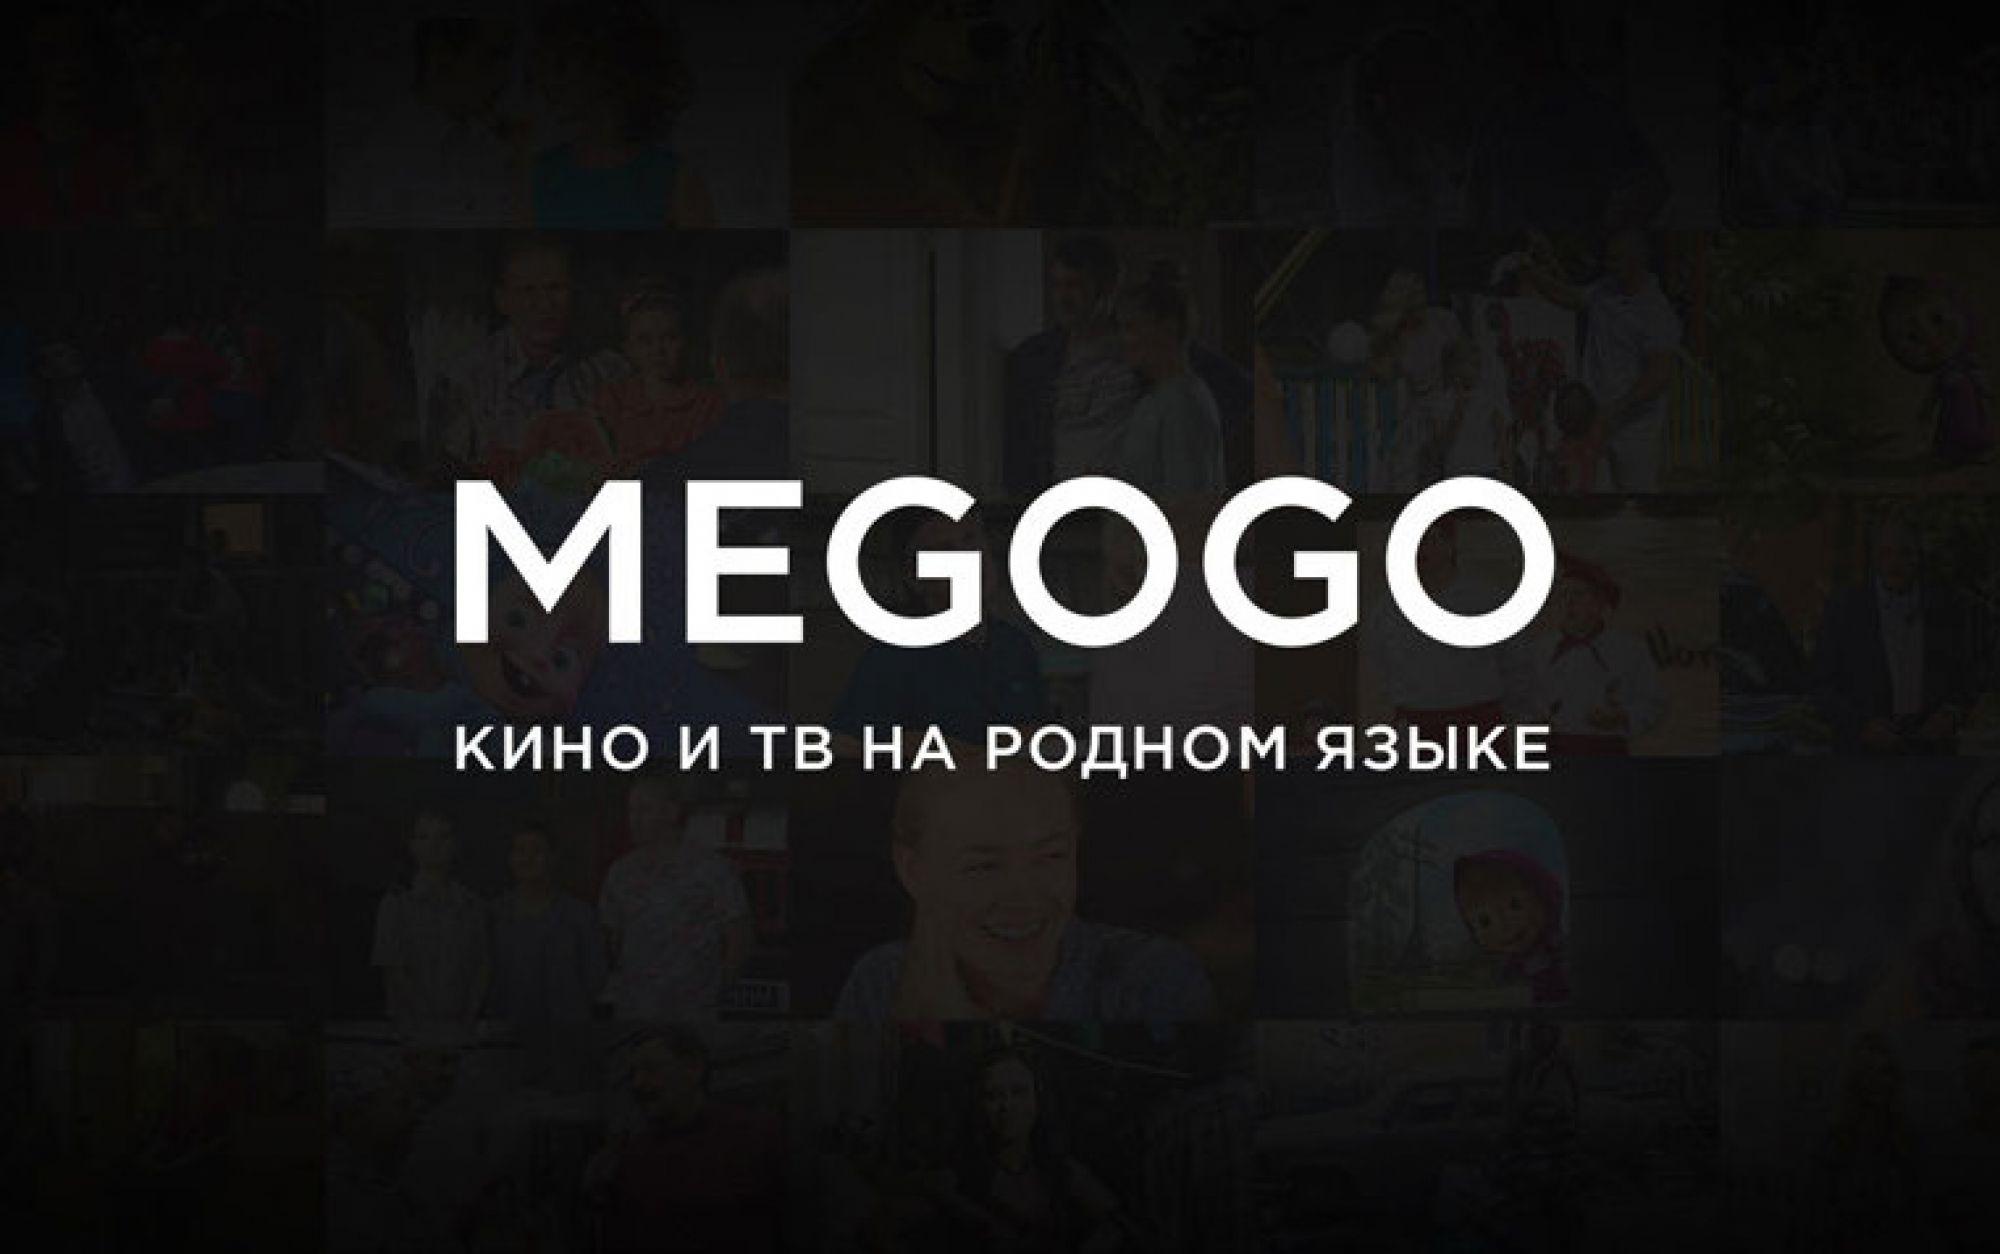 Megogo создал канал с кинотрейлерами